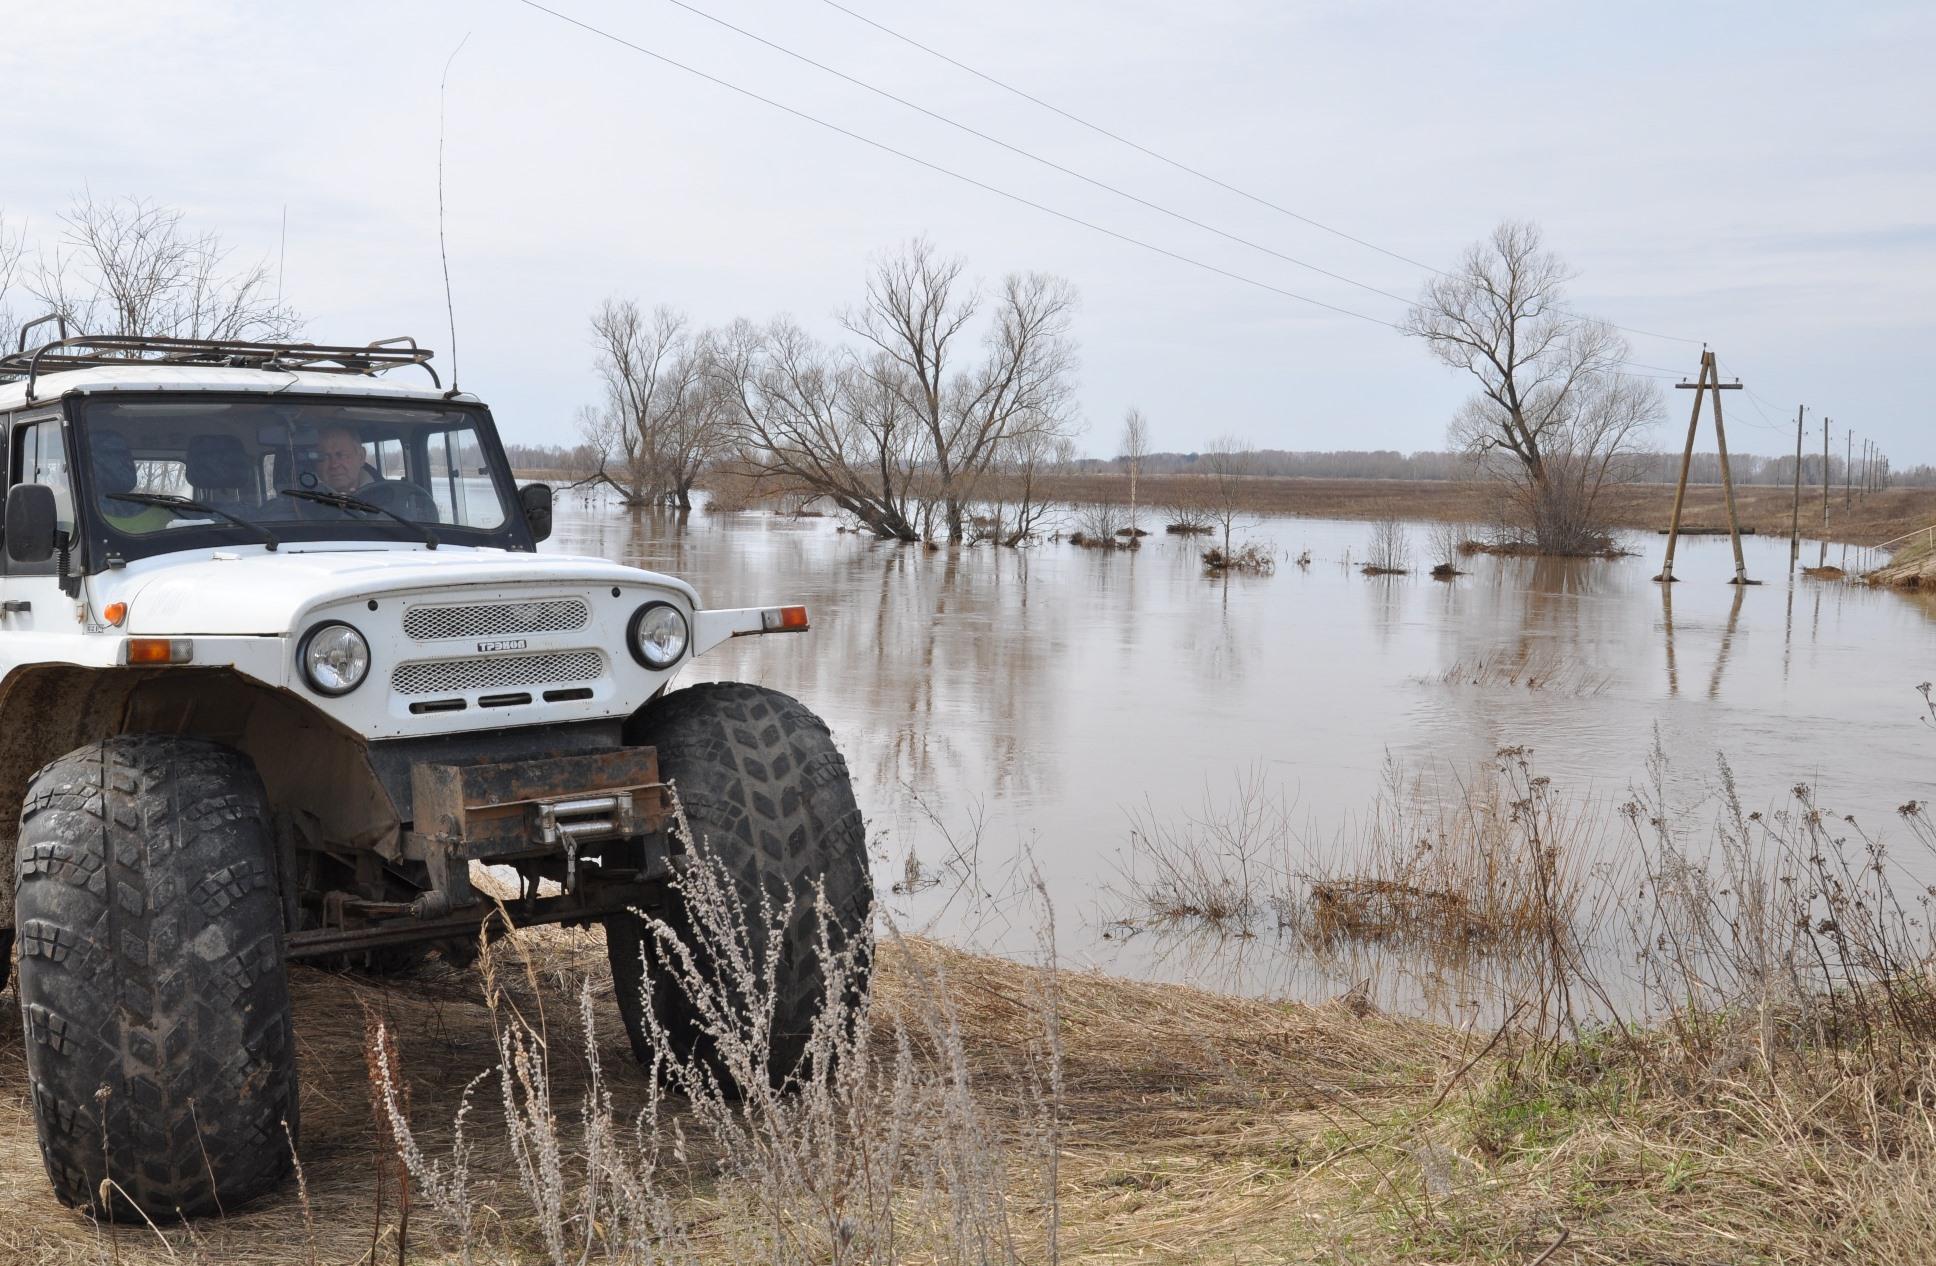 Кировэнерго обеспечивает надежную работу оборудования  в период повышенного снеготаяния